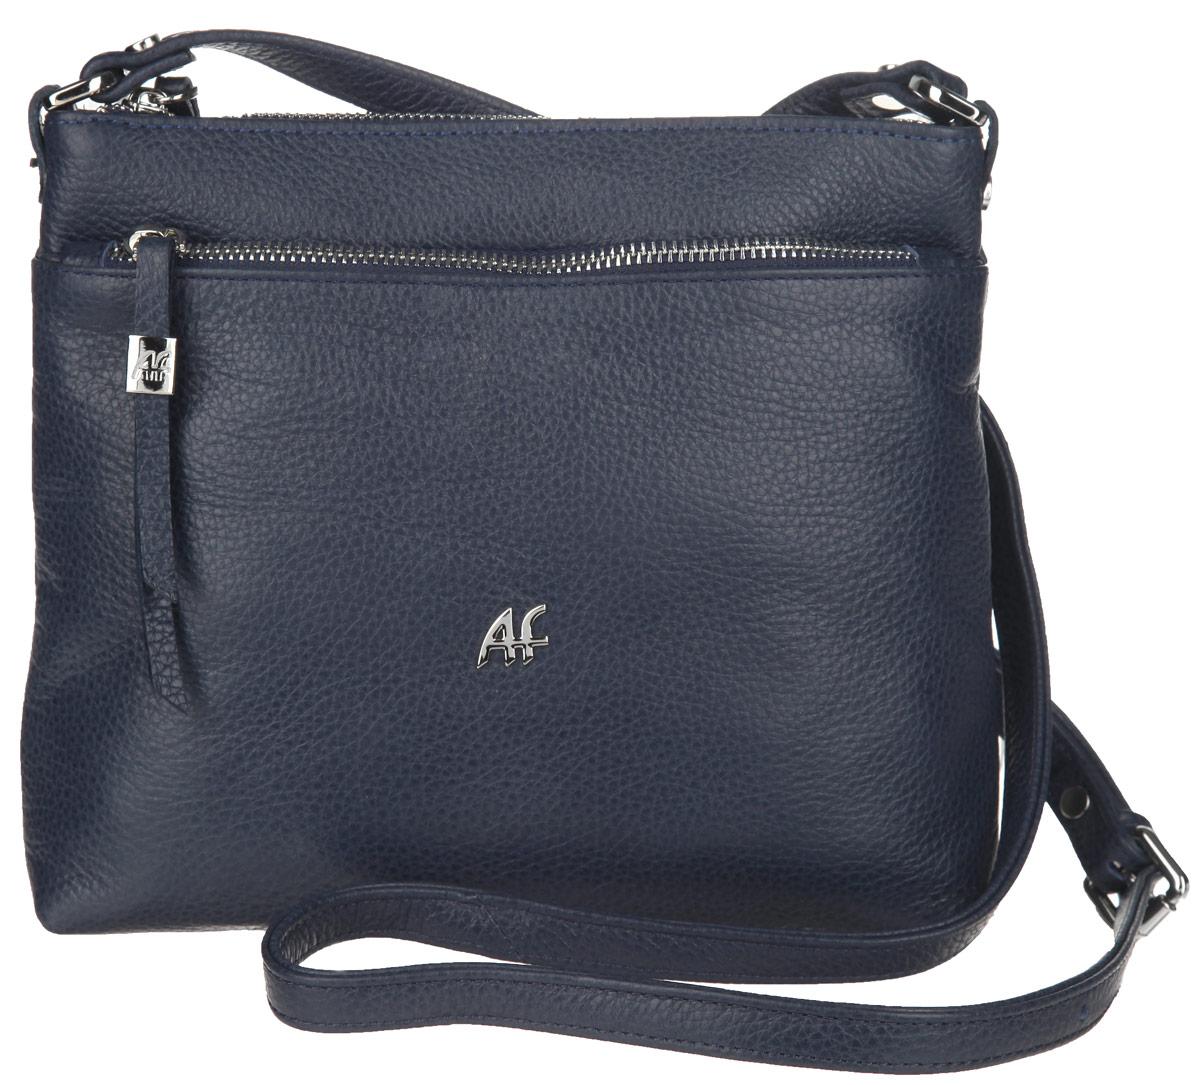 Сумка женская Afina, цвет: синий. 229229 СинийИзысканная женская сумка Afina выполнена из натуральной качественной кожи с фактурным тиснением. Сумка имеет одно отделение, которое закрывается на застежку-молнию. Внутри находится прорезной кармашек на застежке-молнии и два накладных открытых кармашка. Снаружи, на передней стенке расположен накладной карман на застежке-молнии. На задней стенке предусмотрен дополнительный прорезной карман на застежке-молнии. Сумка оснащена плечевым ремнем, который регулируется по длине. В комплект входит фирменный пакет. Роскошная сумка внесет элегантные нотки в ваш образ и подчеркнет ваше отменное чувство стиля.